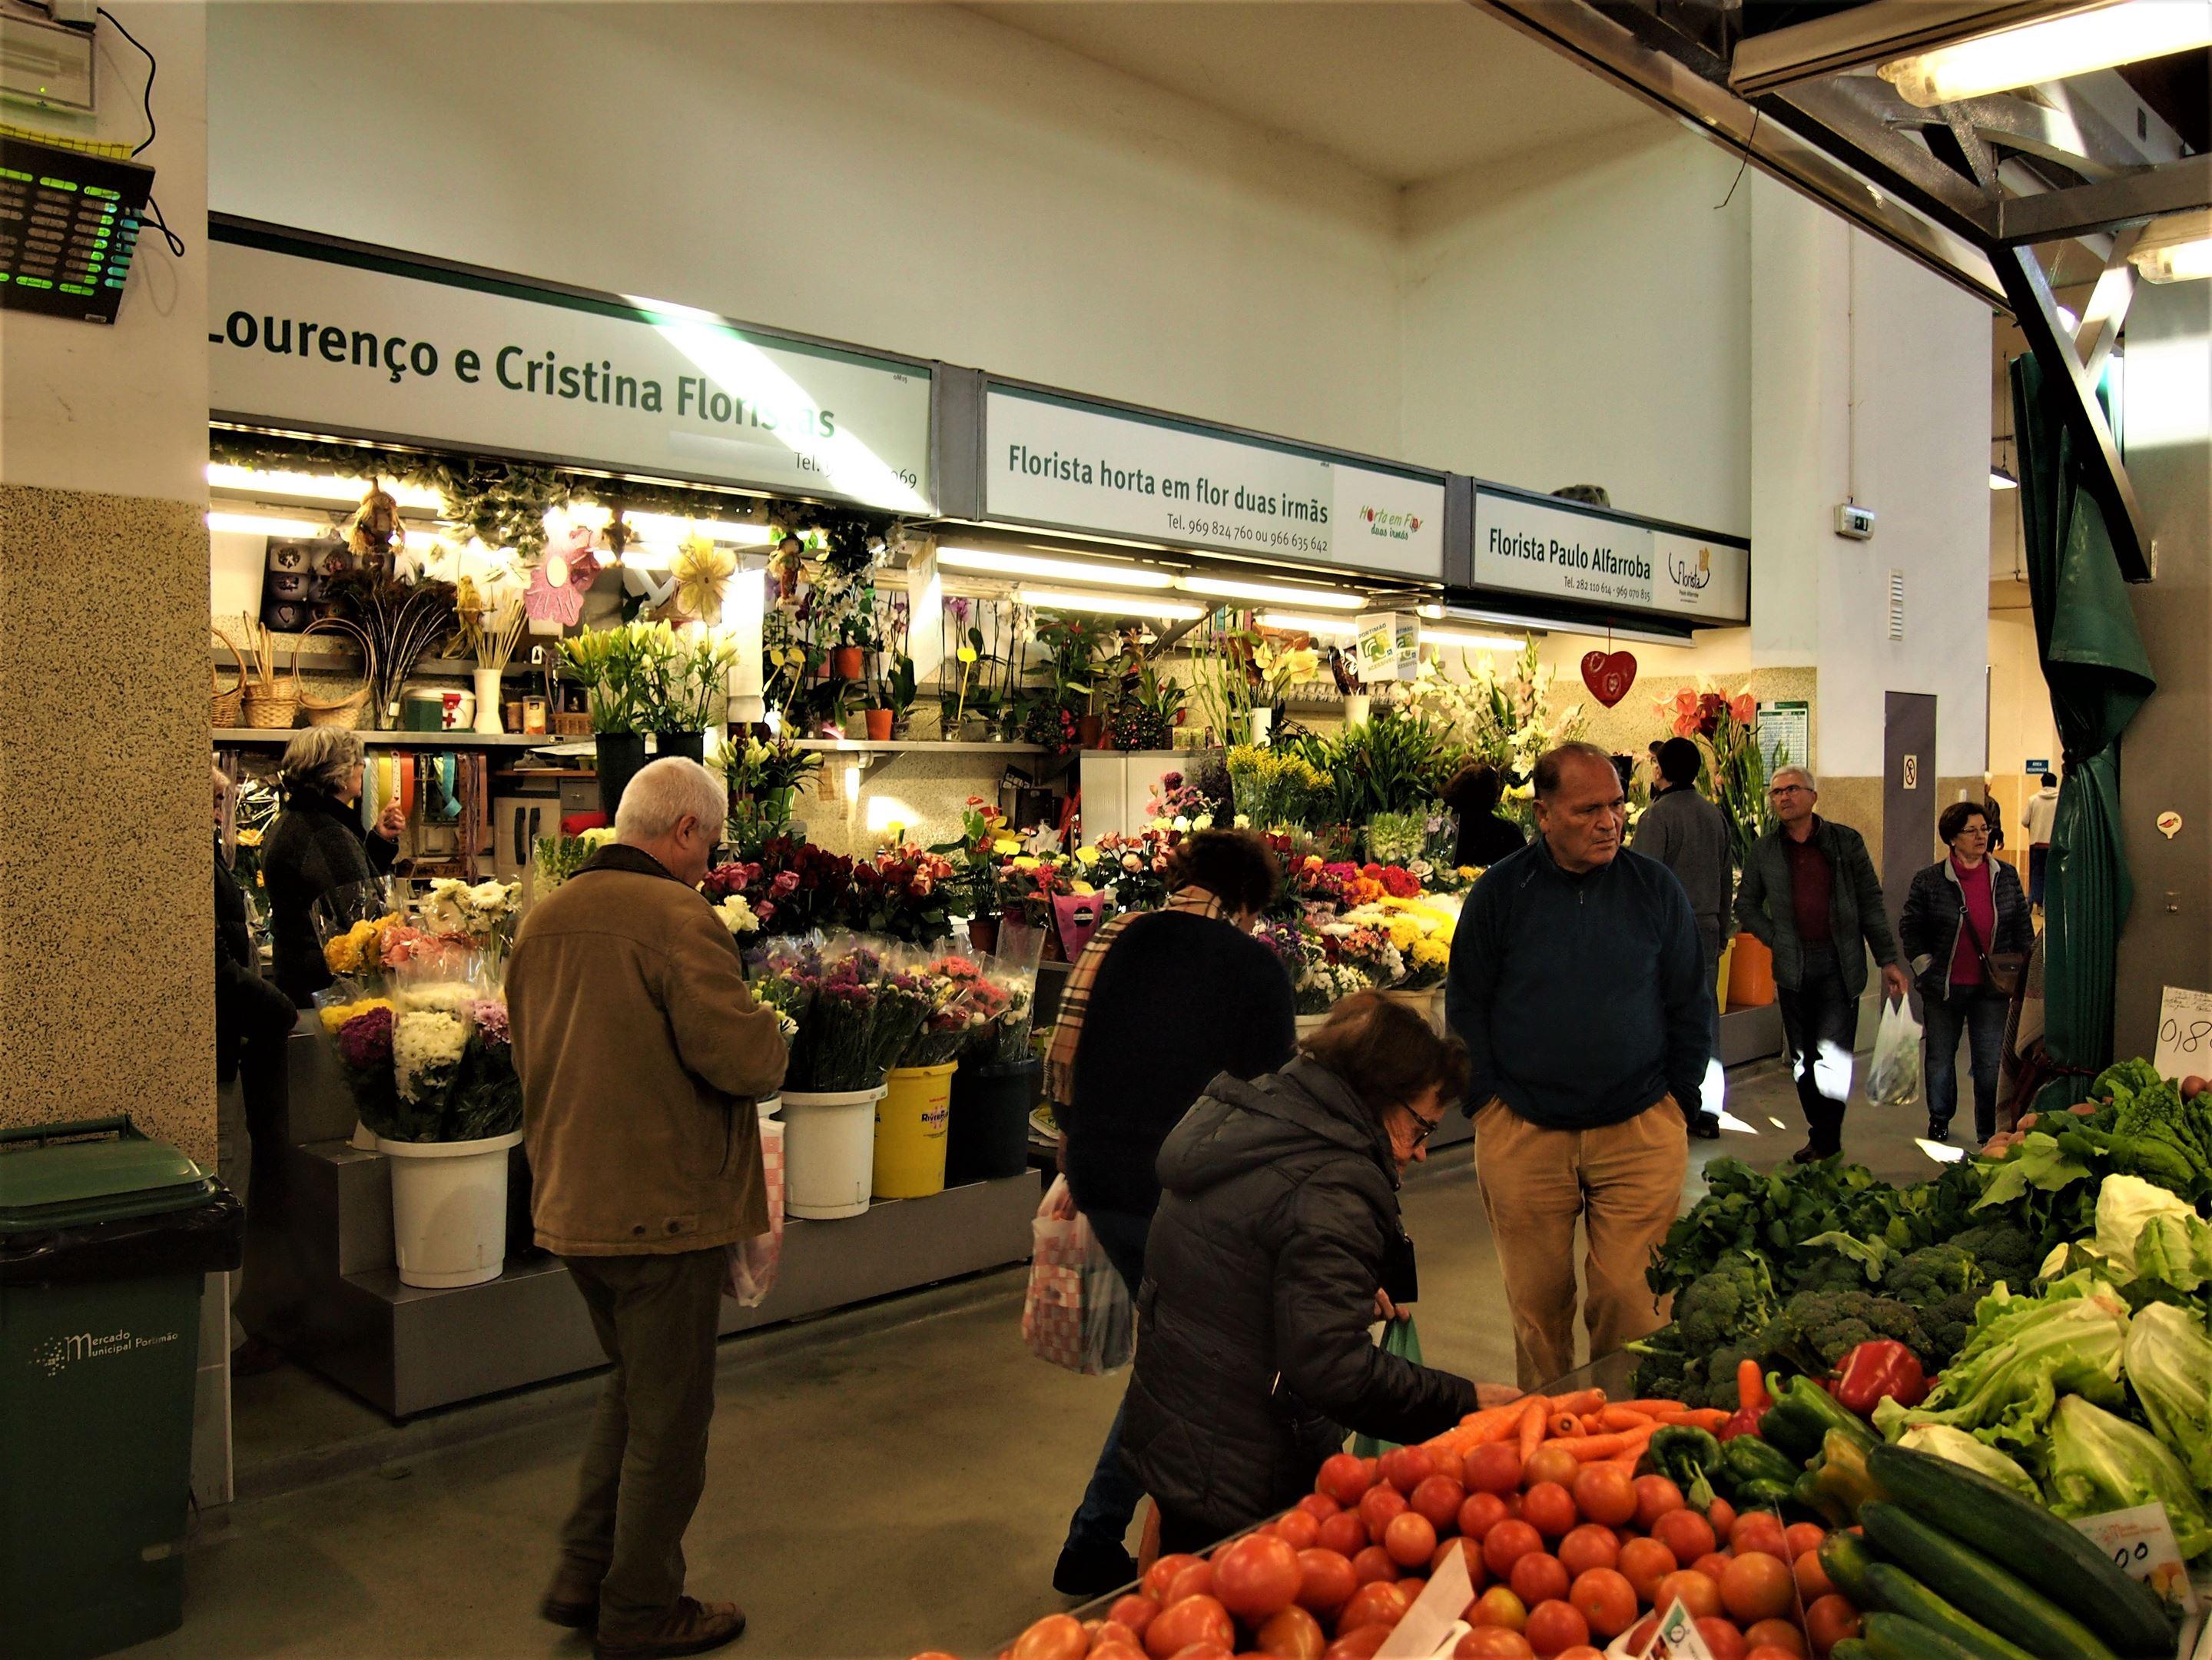 Inside the Municipal Market at Portimão